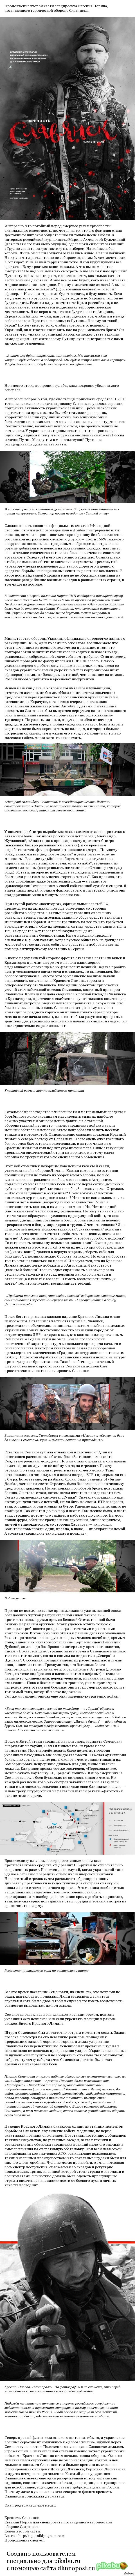 """Крепость Славянск. Часть вторая. Продолжение. (2.2) (1.1) <a href=""""http://pikabu.ru/story/_2714521"""">http://pikabu.ru/story/_2714521</a>  (1.2) <a href=""""http://pikabu.ru/story/_2714762"""">http://pikabu.ru/story/_2714762</a>   (2.1) <a href=""""http://pikabu.ru/story/_2718774"""">http://pikabu.ru/story/_2718774</a>   (3.1) <a href=""""http://pikabu.ru/story/_2724441"""">http://pikabu.ru/story/_2724441</a>"""